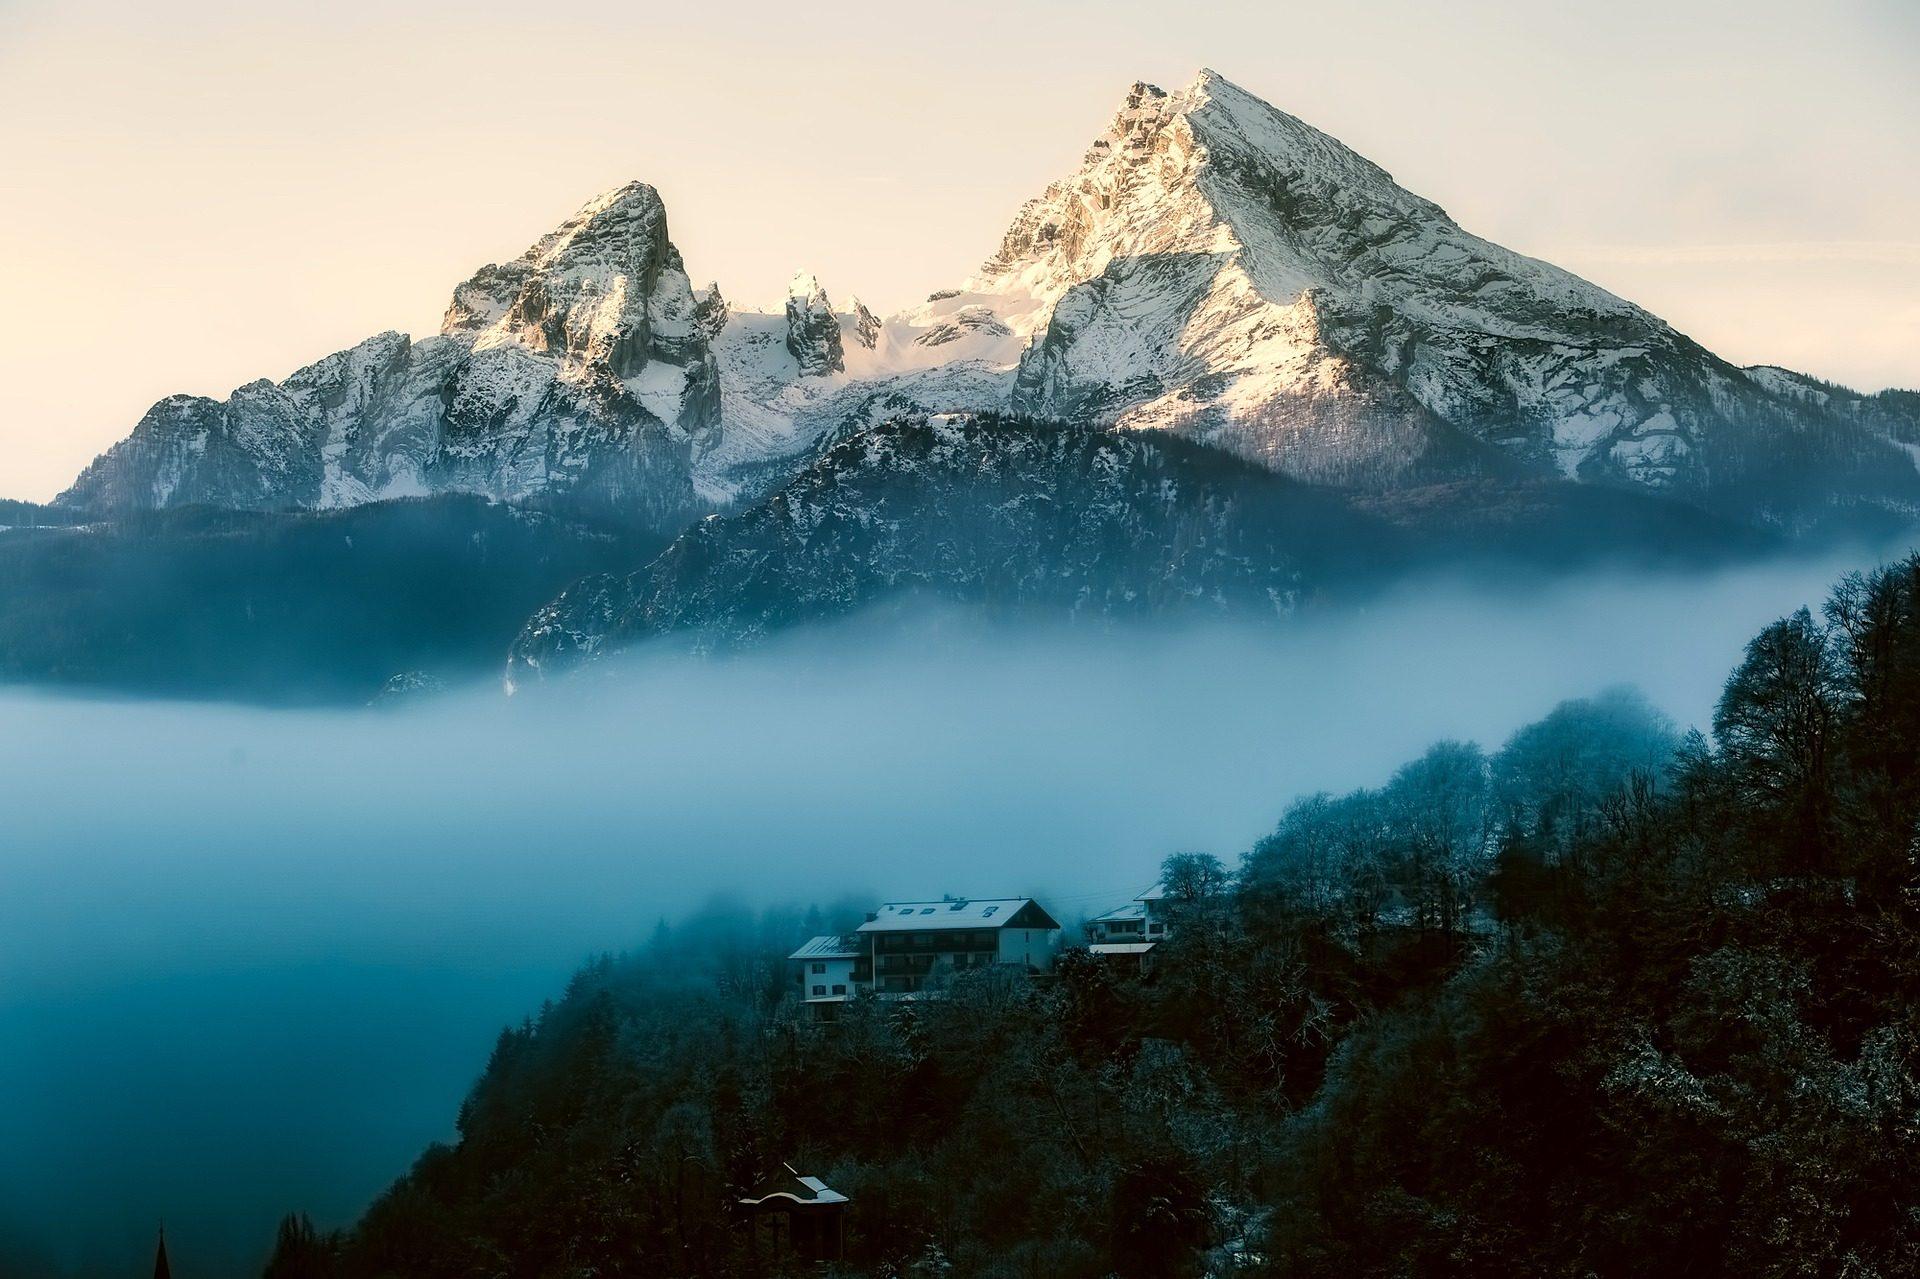 montañas, nubes, niebla, árboles, bosque, nieve, casa - Fondos de Pantalla HD - professor-falken.com